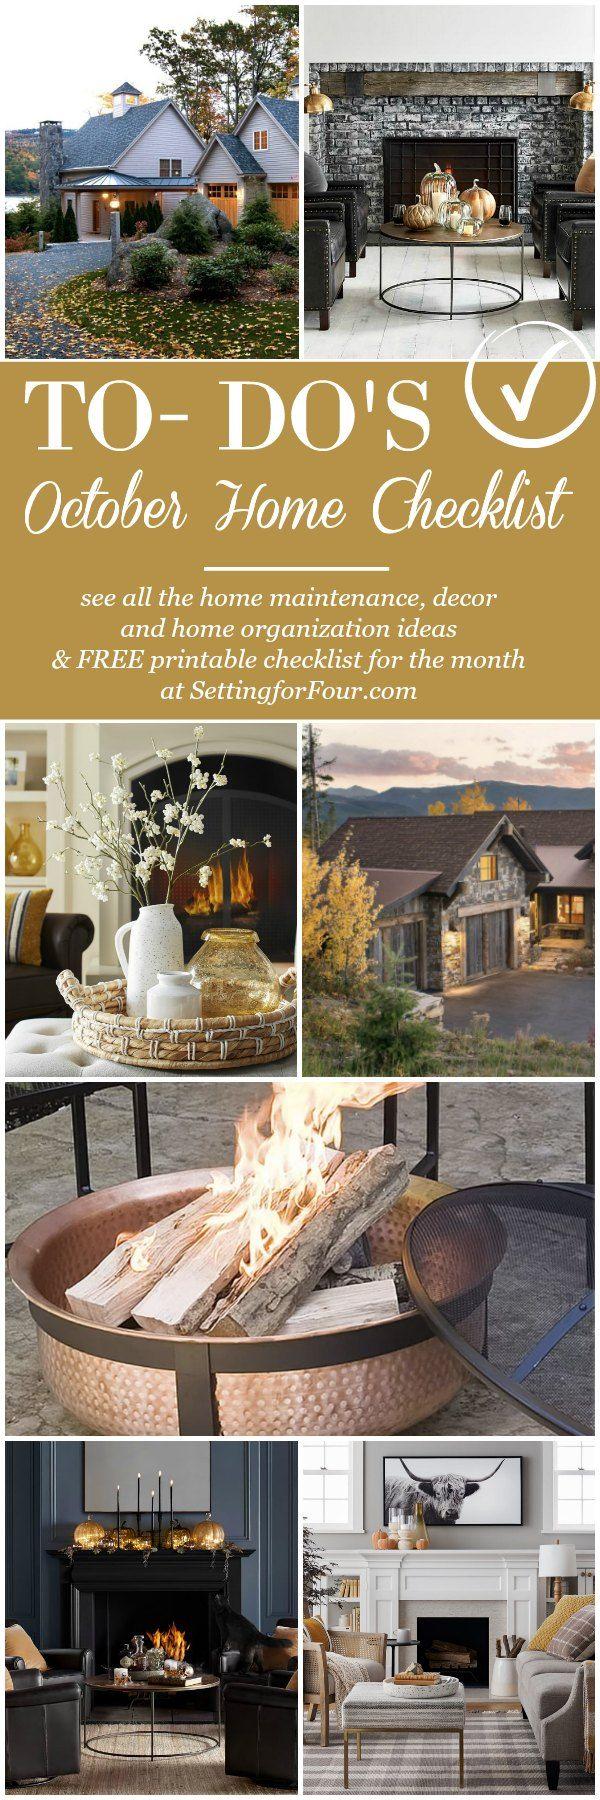 October home checklist home improvement u fall home ideas